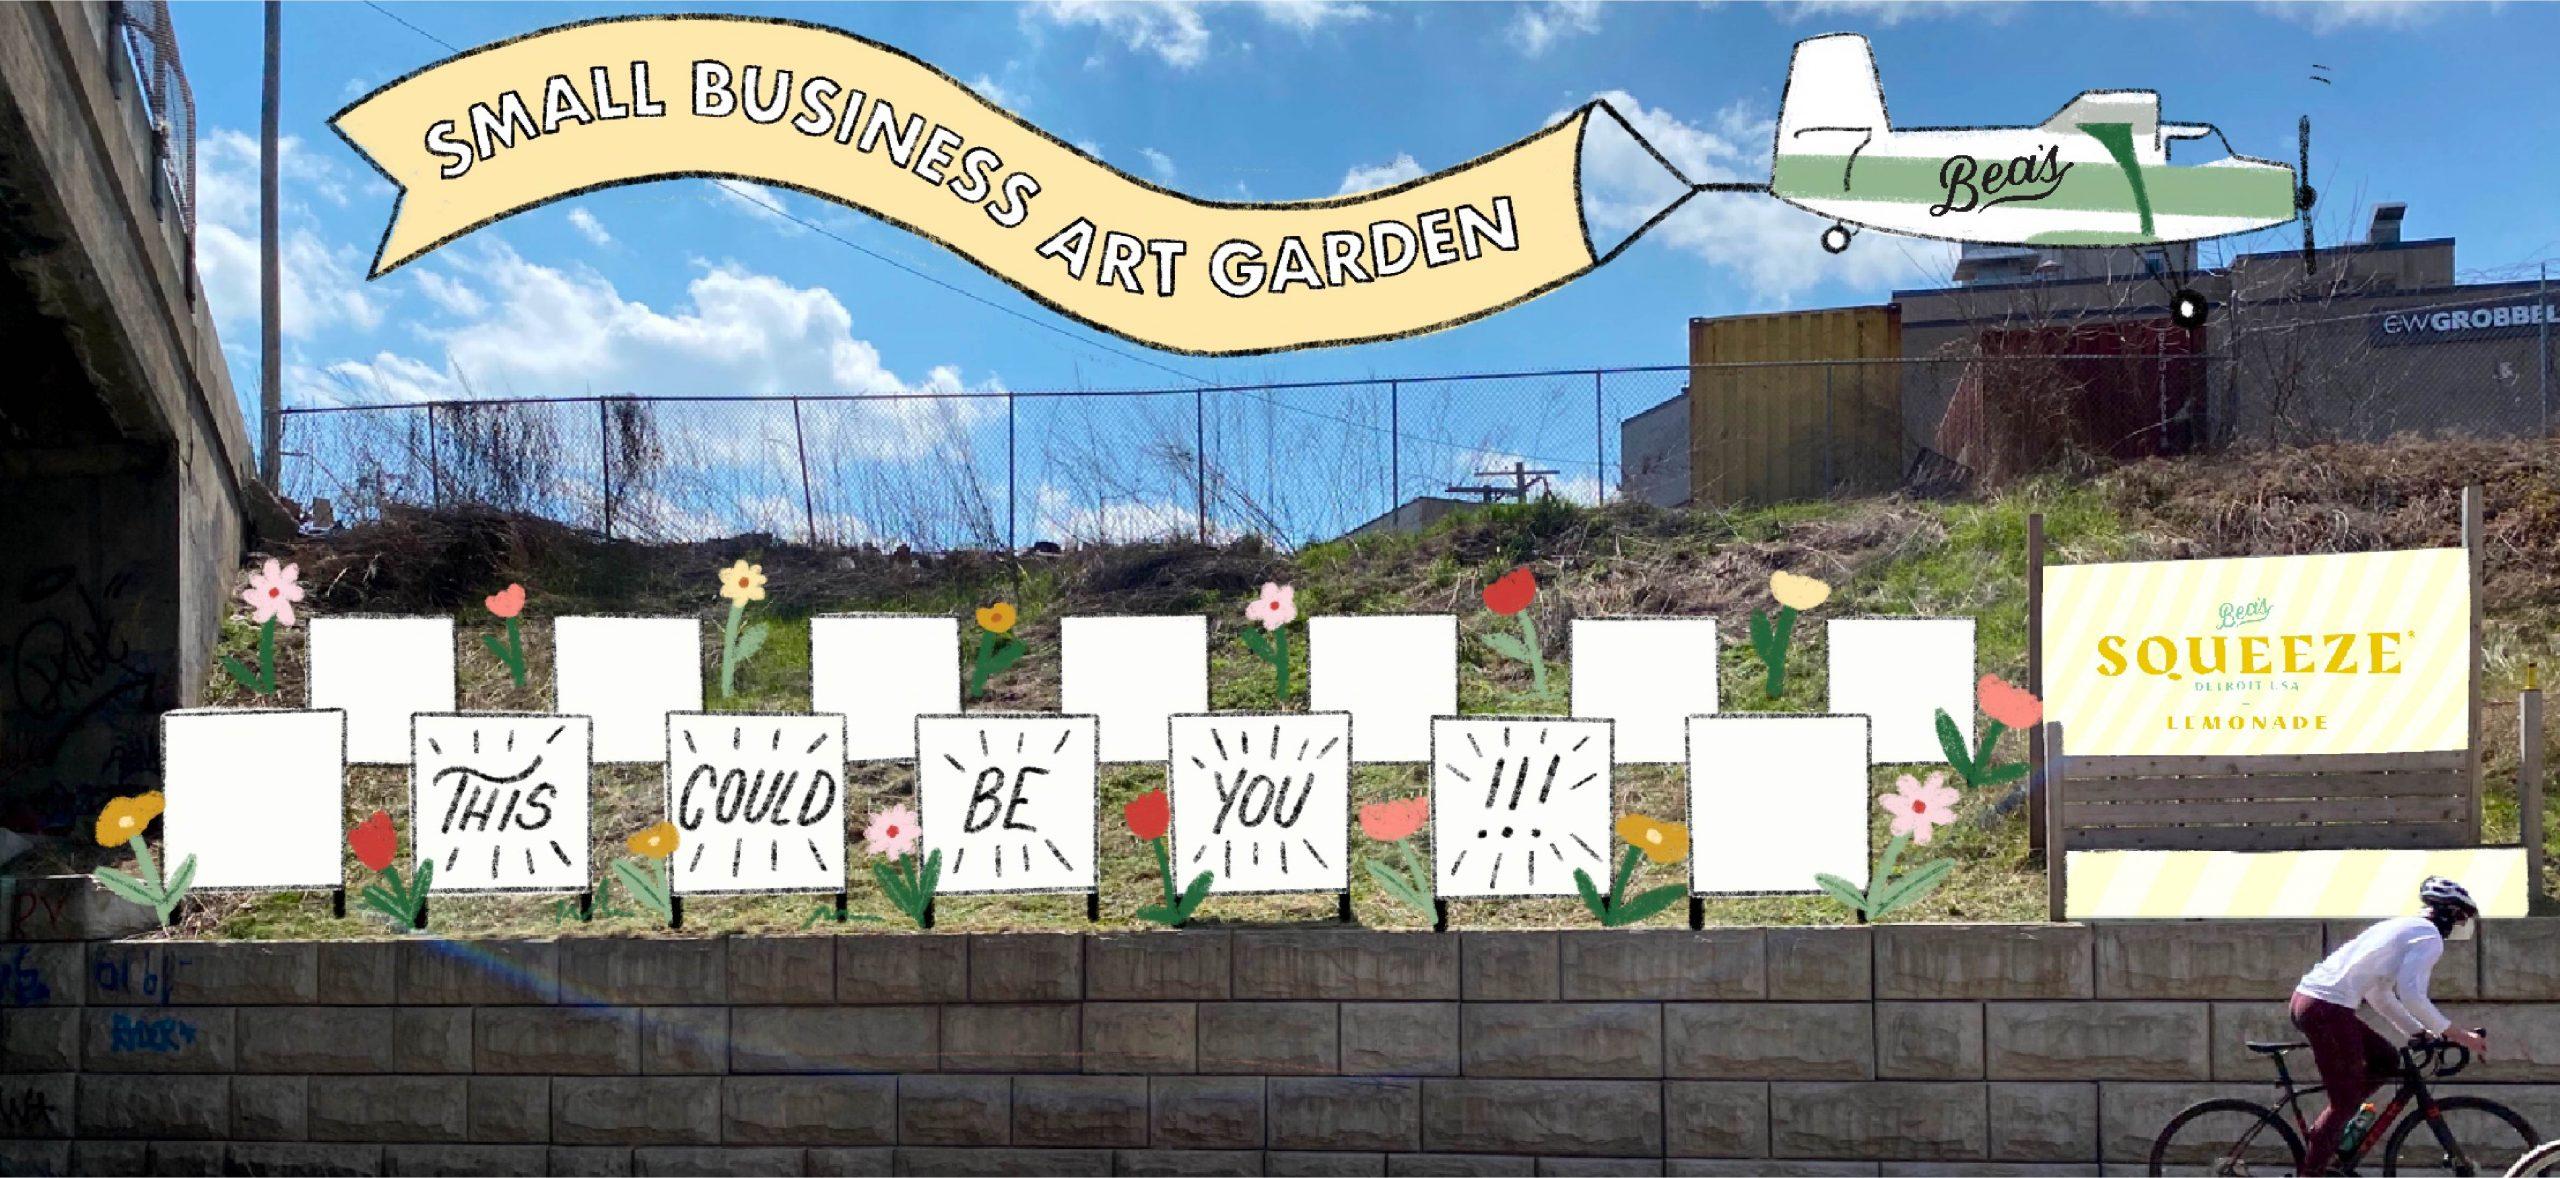 beas art garden